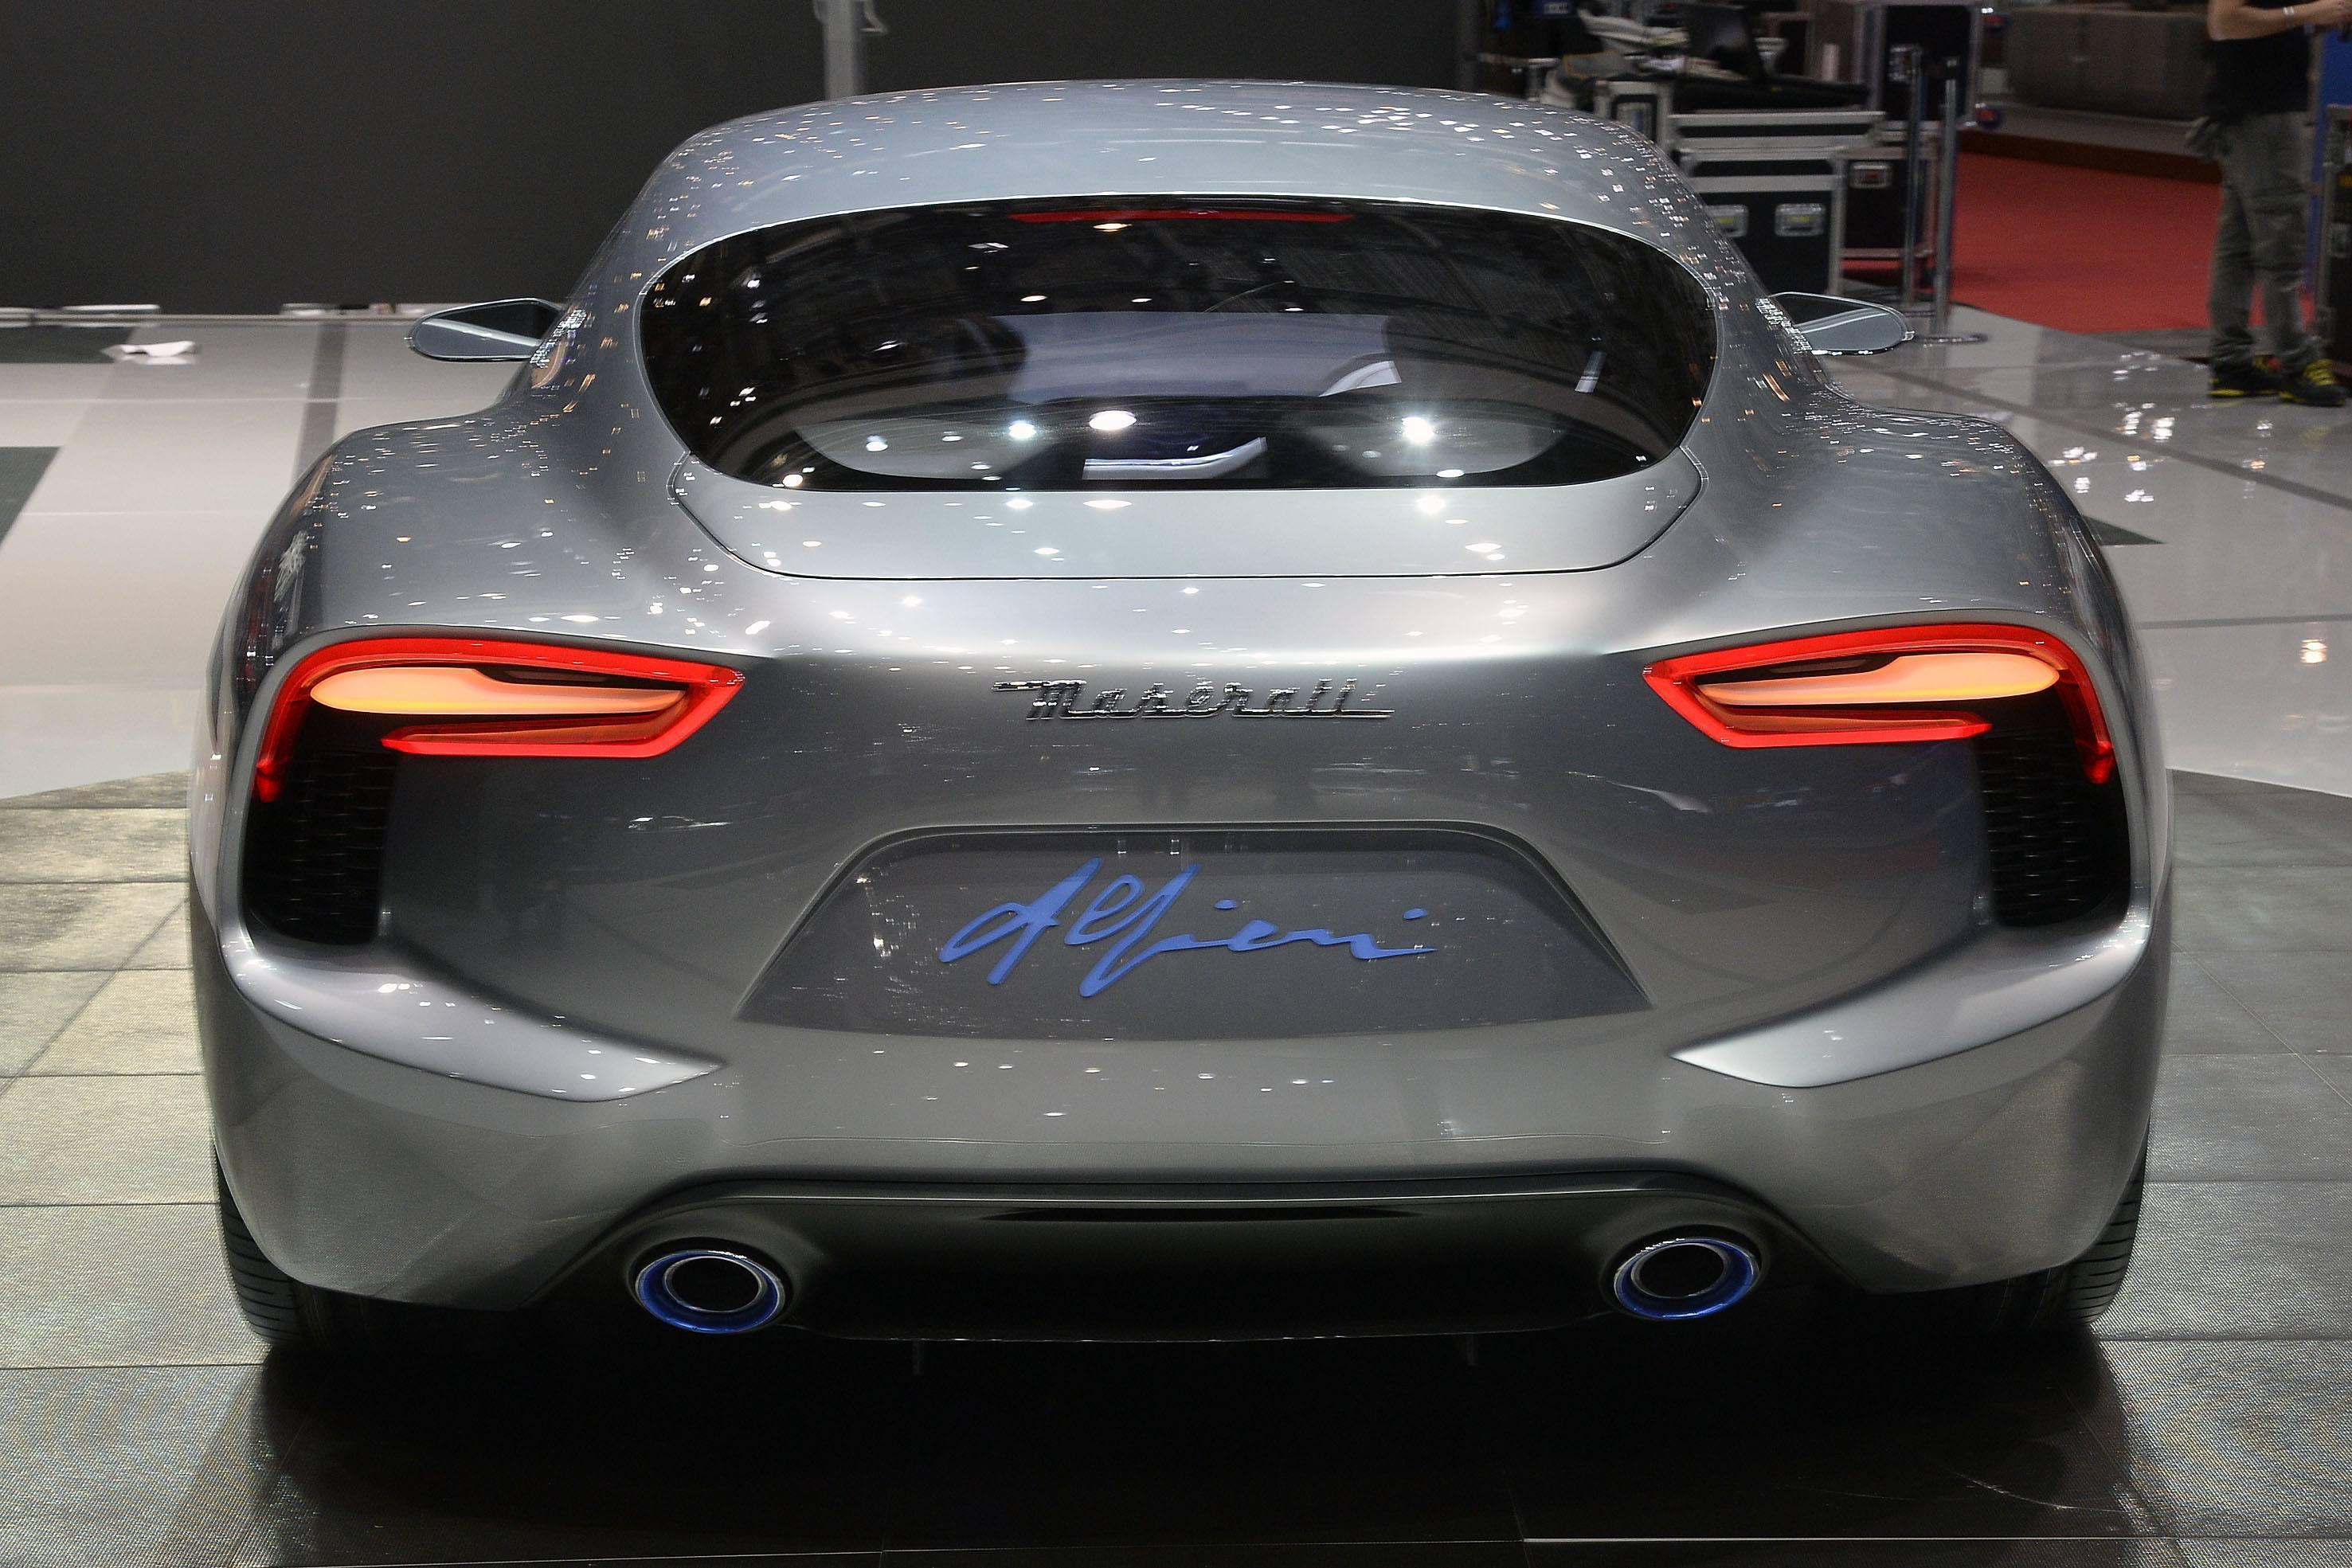 http://www.car-revs-daily.com/wp-content/uploads/Car-Revs-Daily.com-2014-Maserati-Alfieri-Concept-Close-up-High-Res-Details-in-82-New-Photos-48.jpg